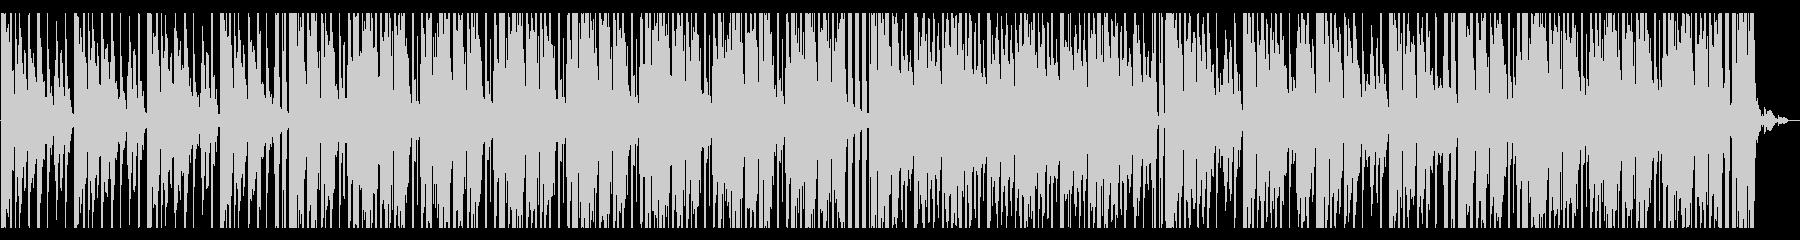 青/海/エレクトロ_No407_2の未再生の波形